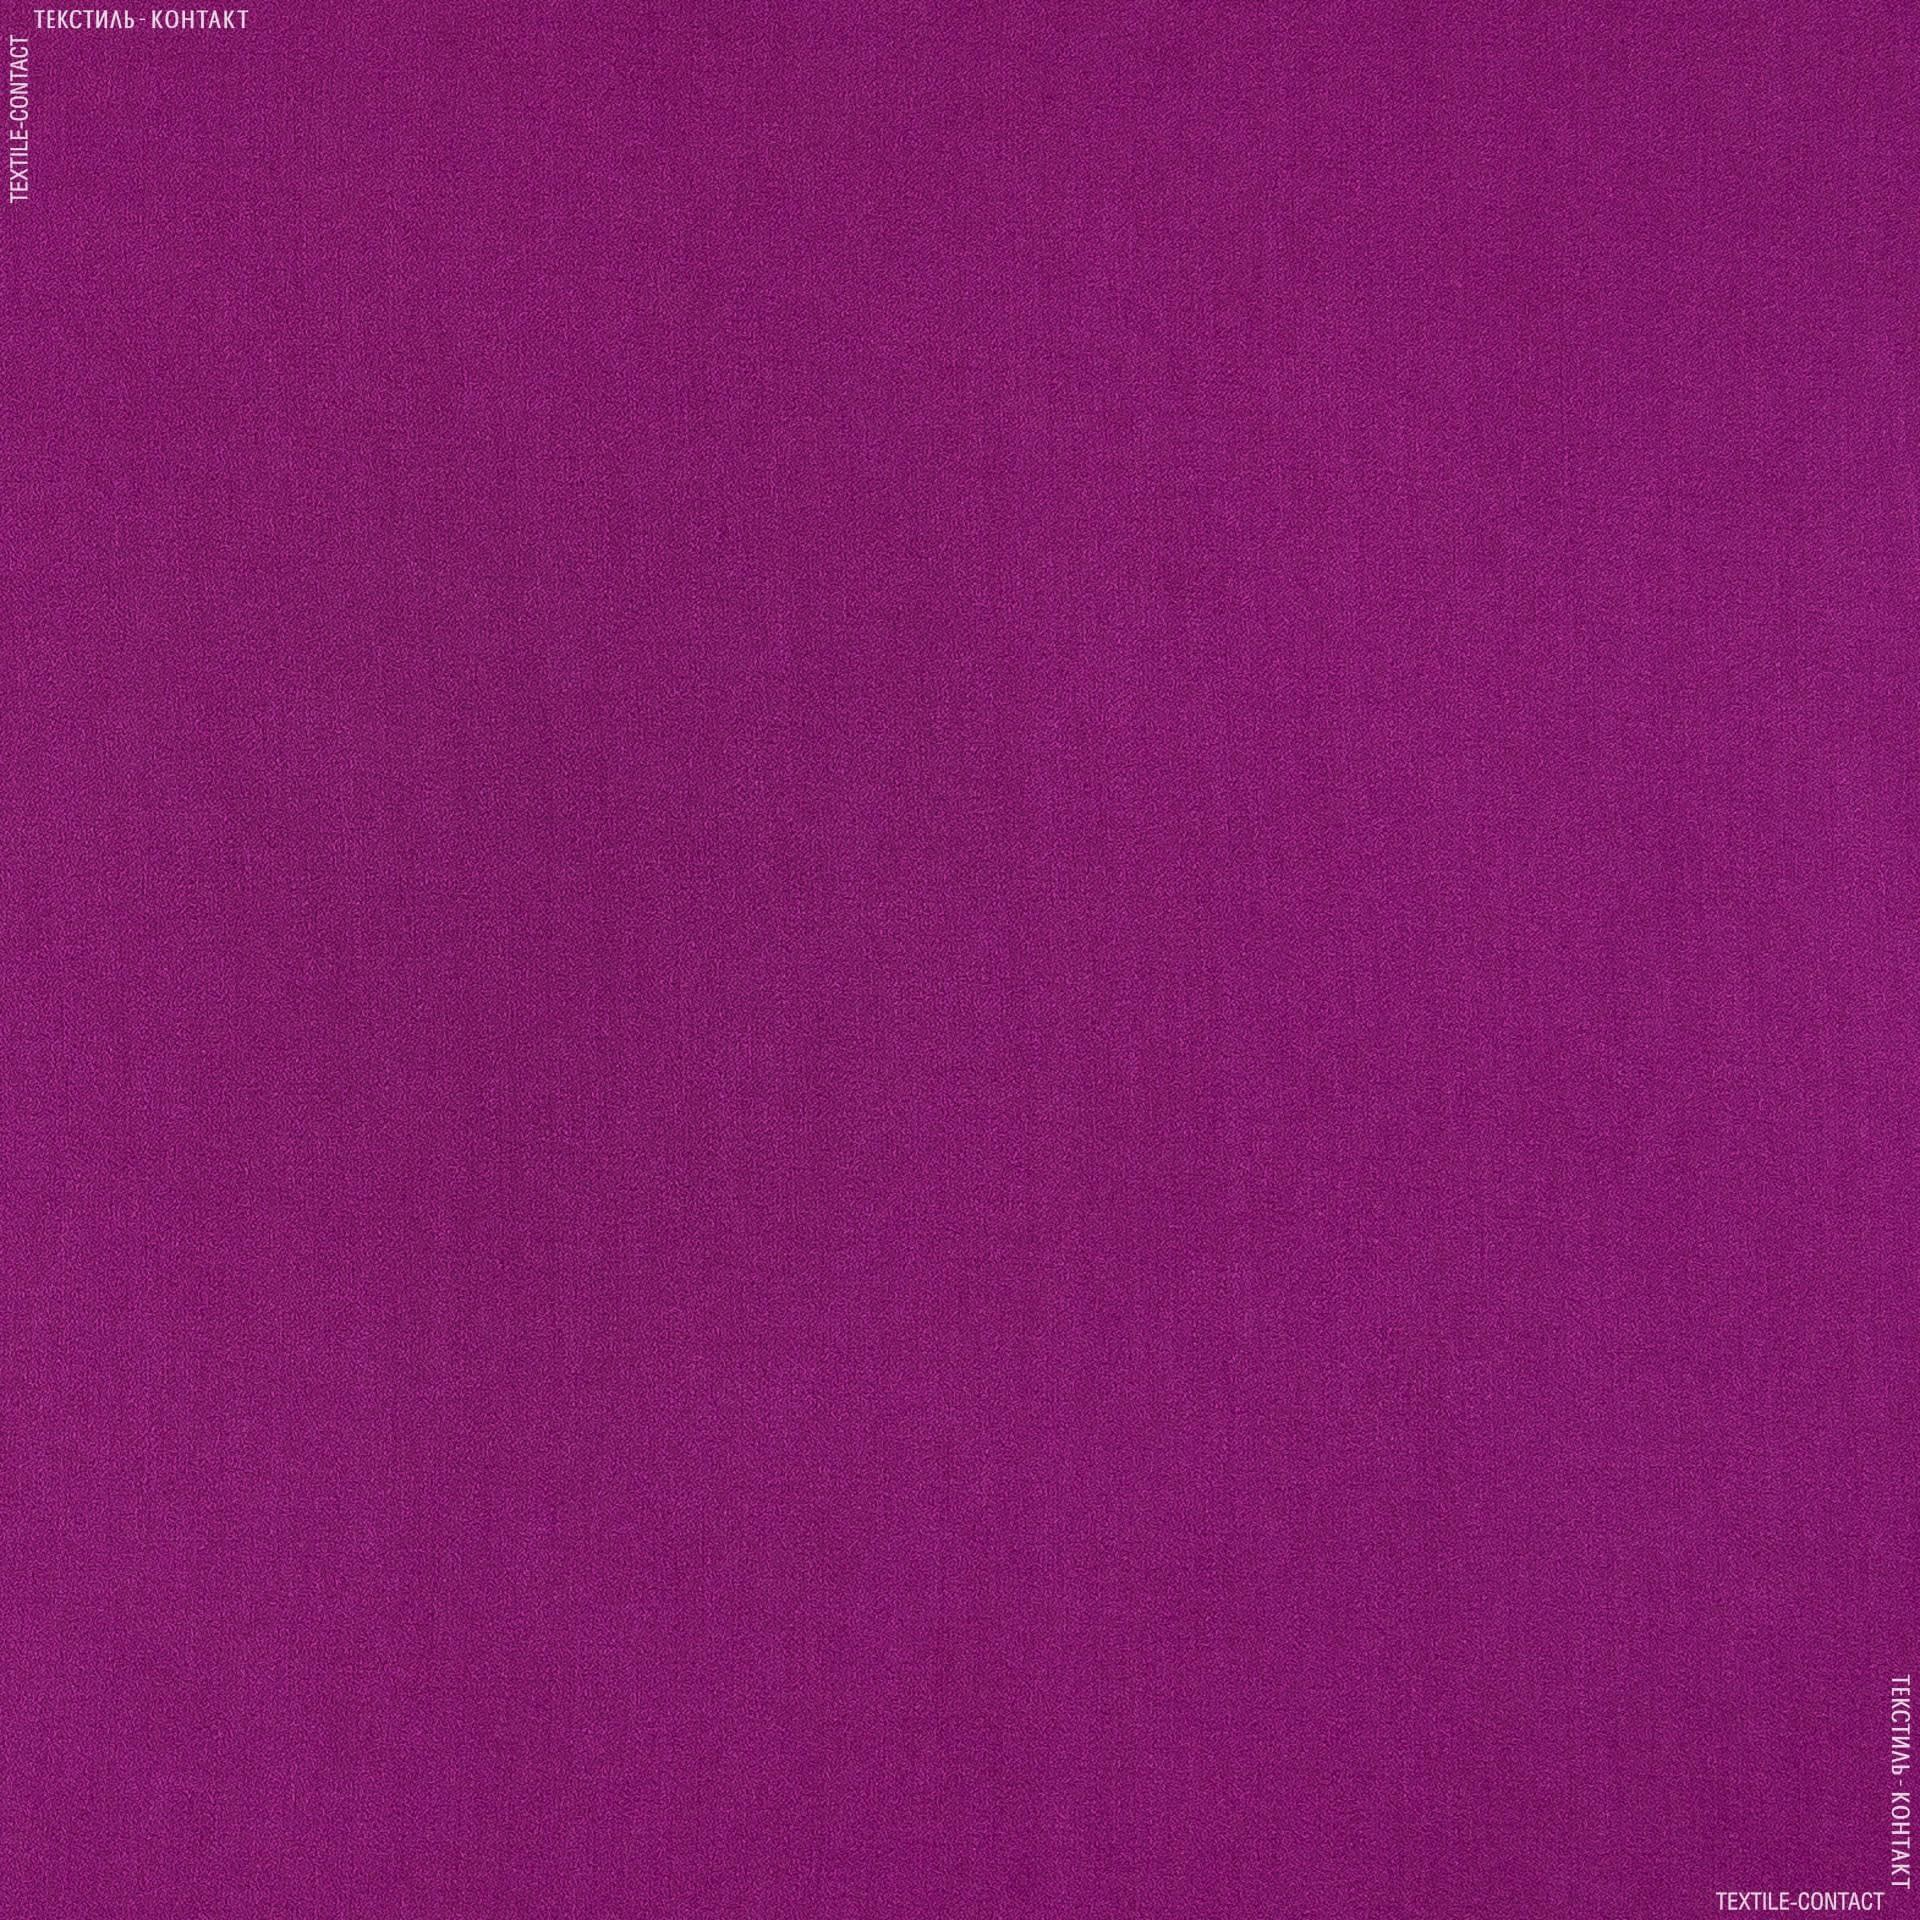 Тканини для костюмів - Костюмний сатин віскозний цикламеновий